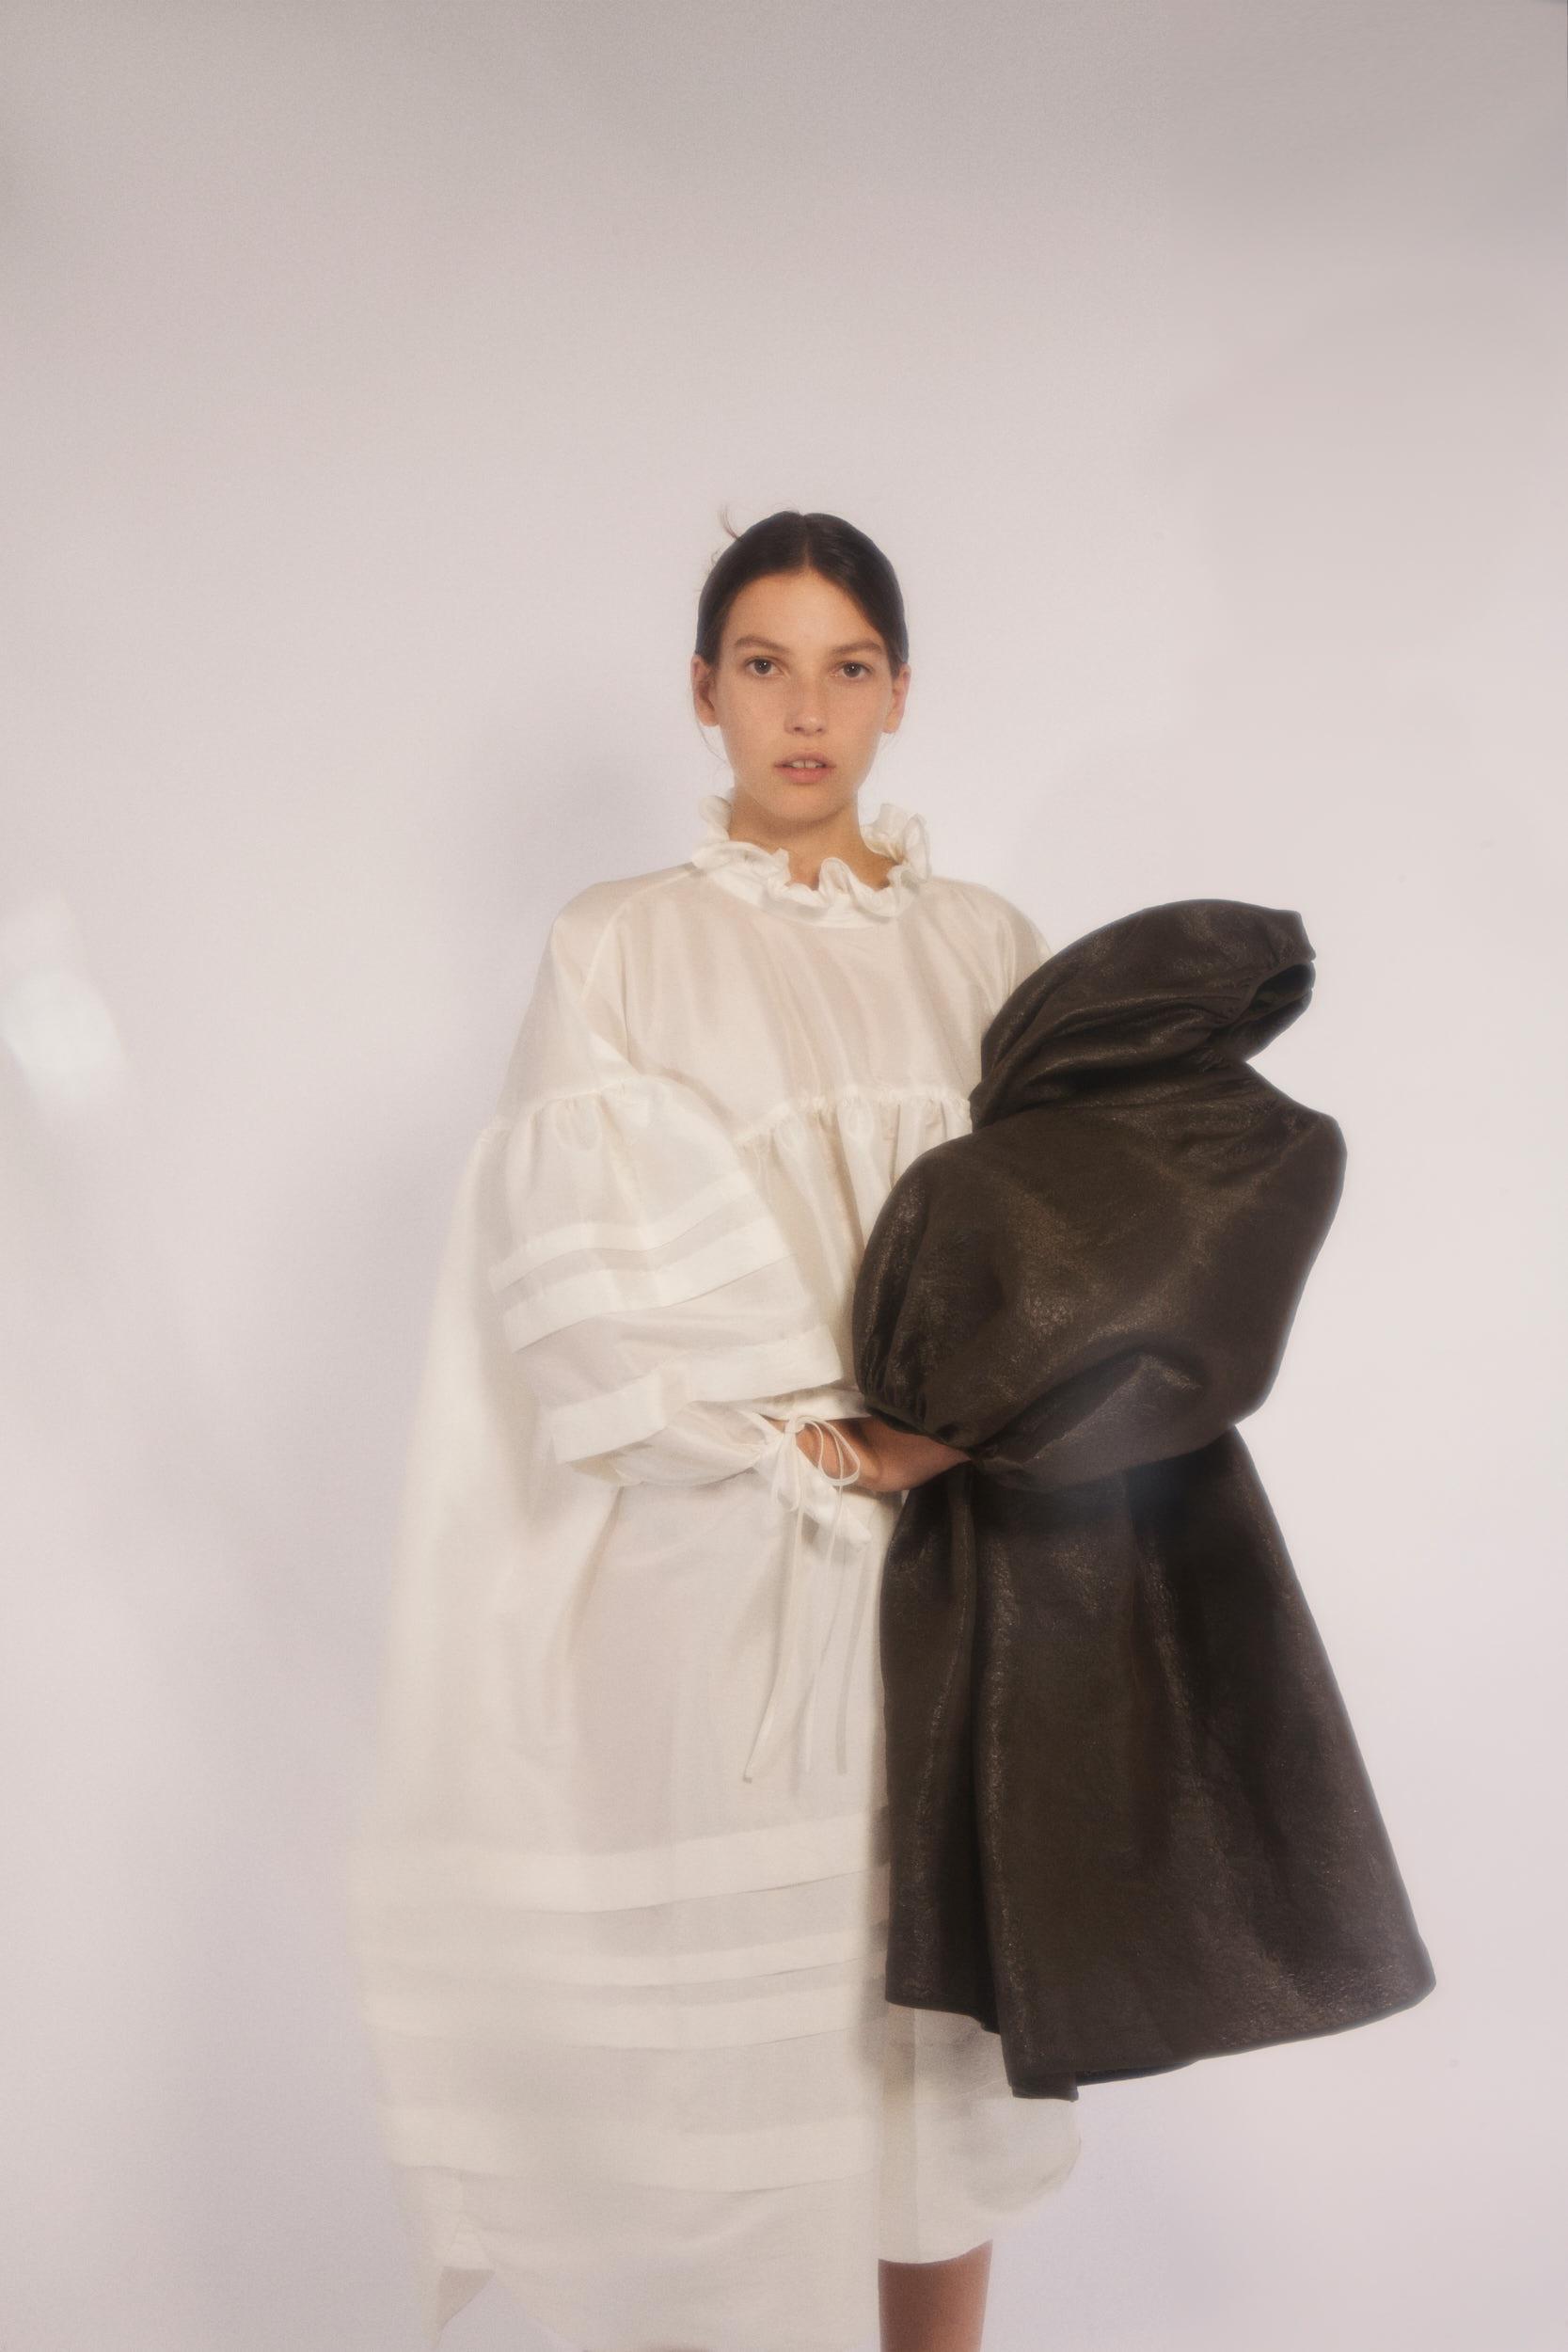 Dress - Cecile Bahnsen